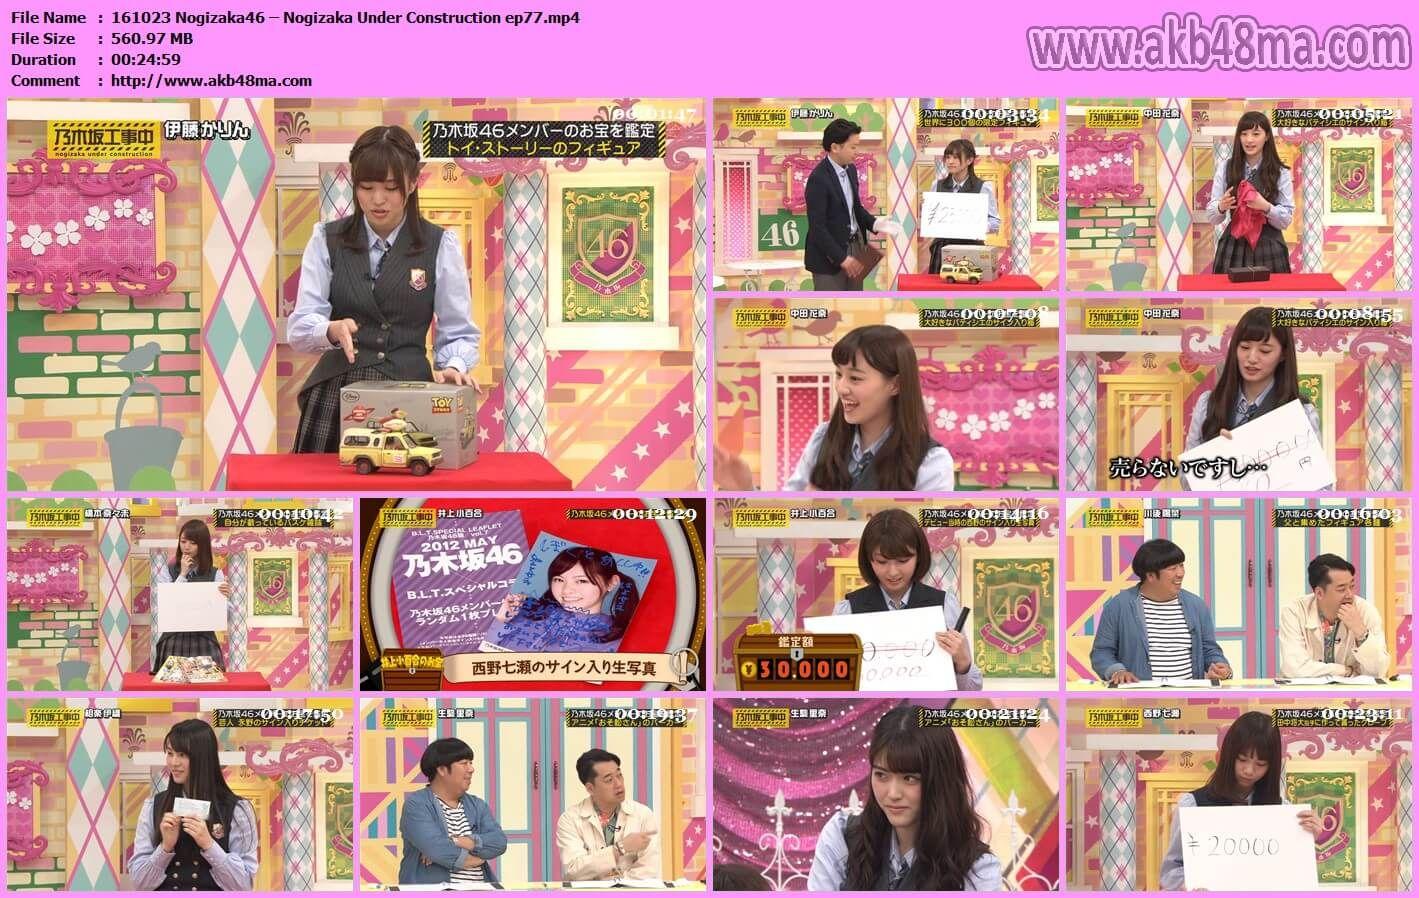 バラエティ番組161023 乃木坂工事中 #77.mp4   161023 乃木坂46 - 乃木坂工事中 (Nogizaka46 - Nogizaka Under Construction) ep77 ALFAFILE161023.Nogi-kou.#77.rar ALFAFILE Note : AKB48MA.com Please Update Bookmark our Pemanent Site of AKB劇場 ! Thanks. HOW TO APPRECIATE ? ほんの少し笑顔 ! If You Like Then Share Us on Facebook Google Plus Twitter ! Recomended for High Speed Download Buy a Premium Through Our Links ! Keep Support How To Support ! Again Thanks For Visiting . Have a Nice DAY ! i Just Say To You 人生を楽しみます !  2016 720P…